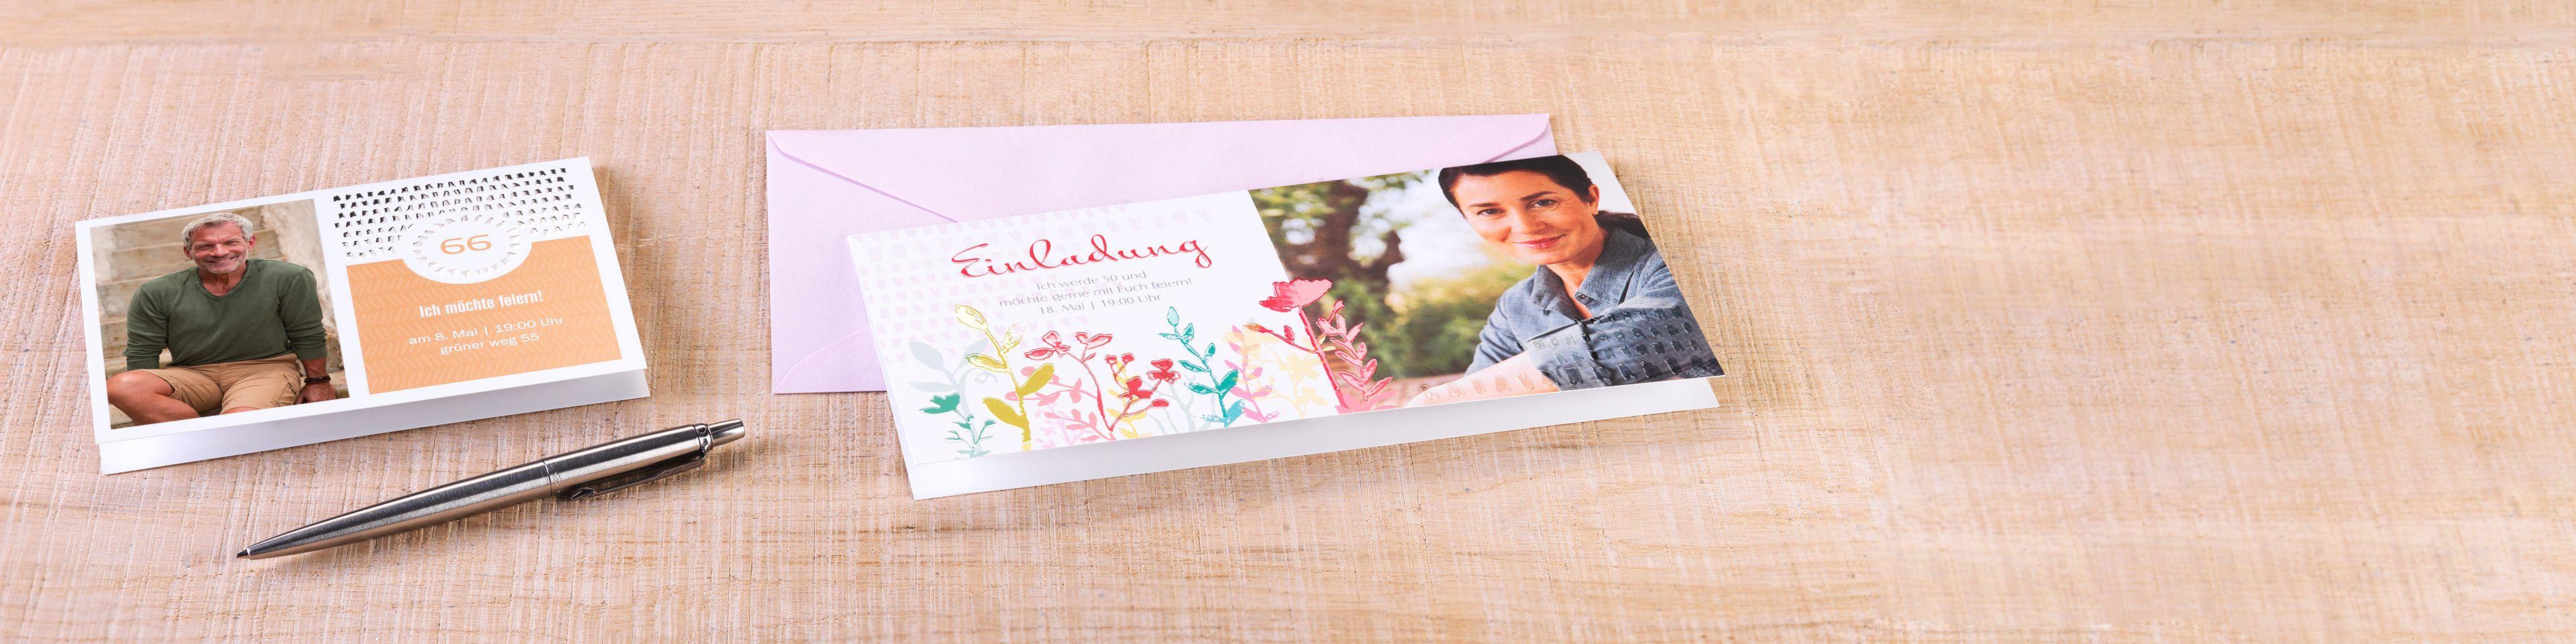 Vorlage Fur Herzlichen Gluckwunsch Zum Geburtstag Karte Mit Platz